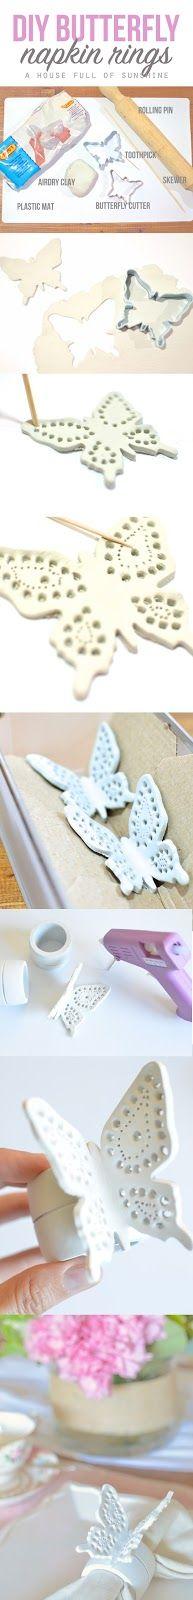 A house full of sunshine: Easy DIY filigree butterfly napkin rings